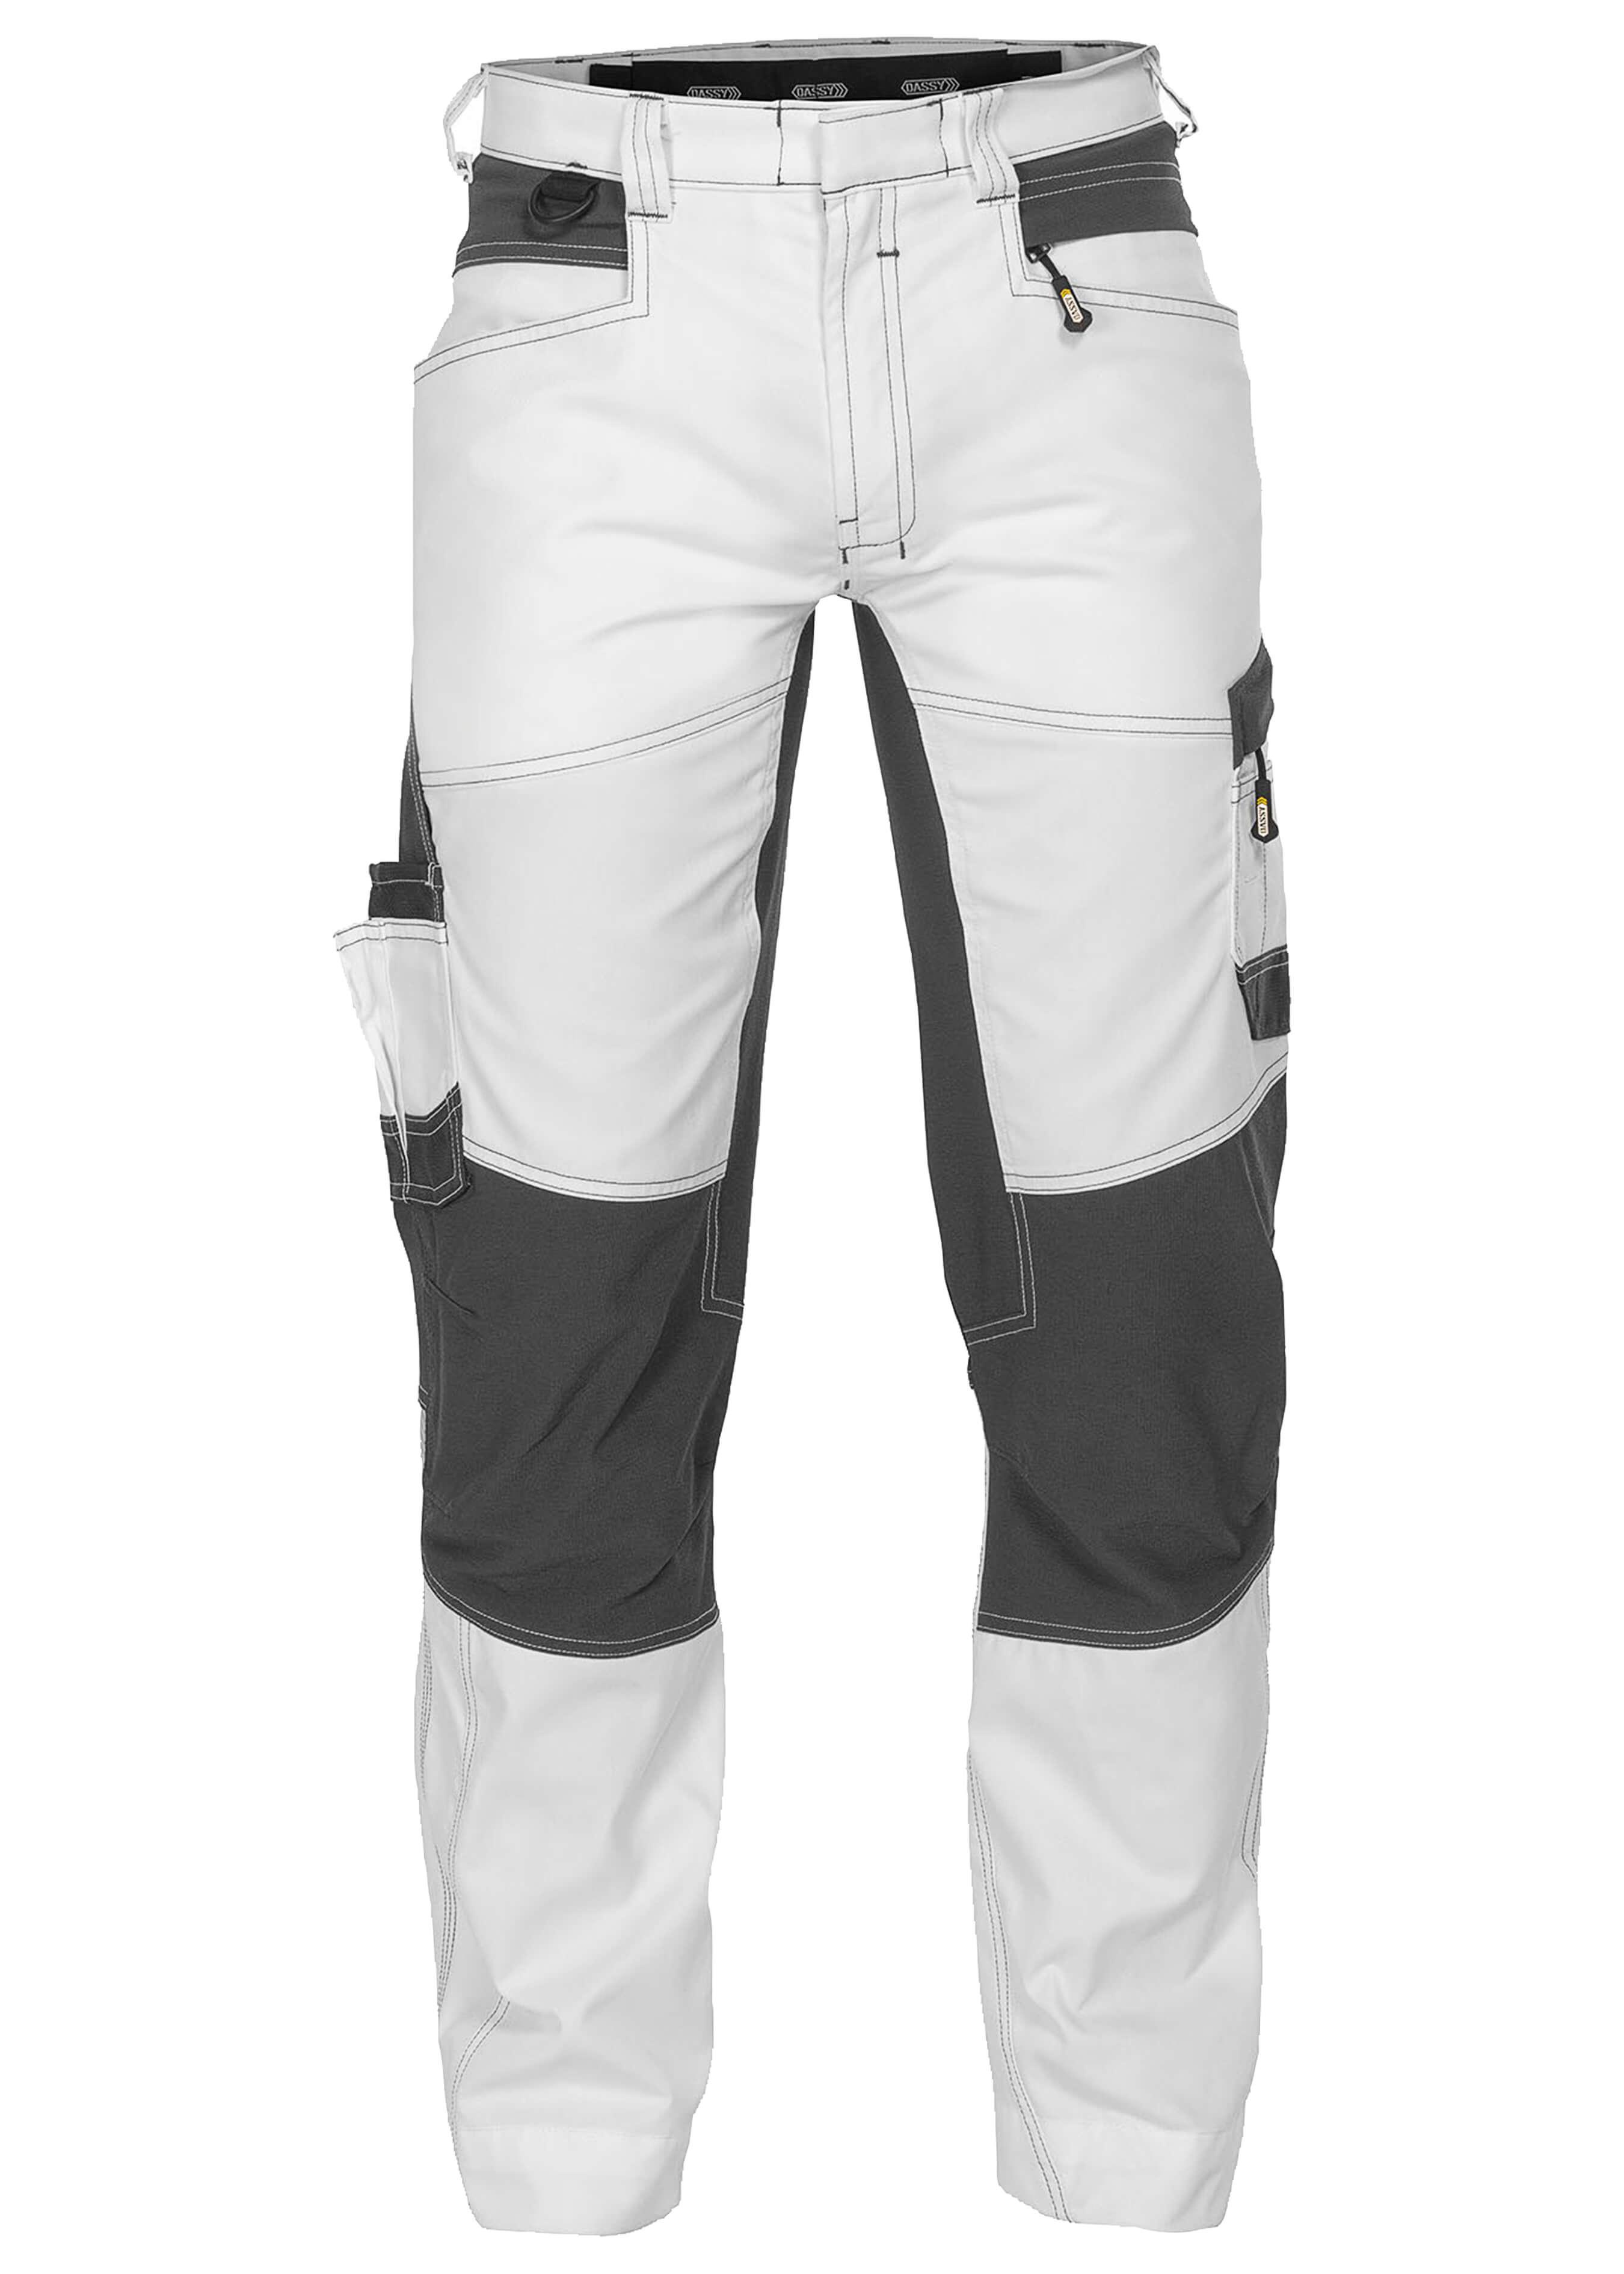 Pantalon de peinture stretch Helix Painters 25581438 1